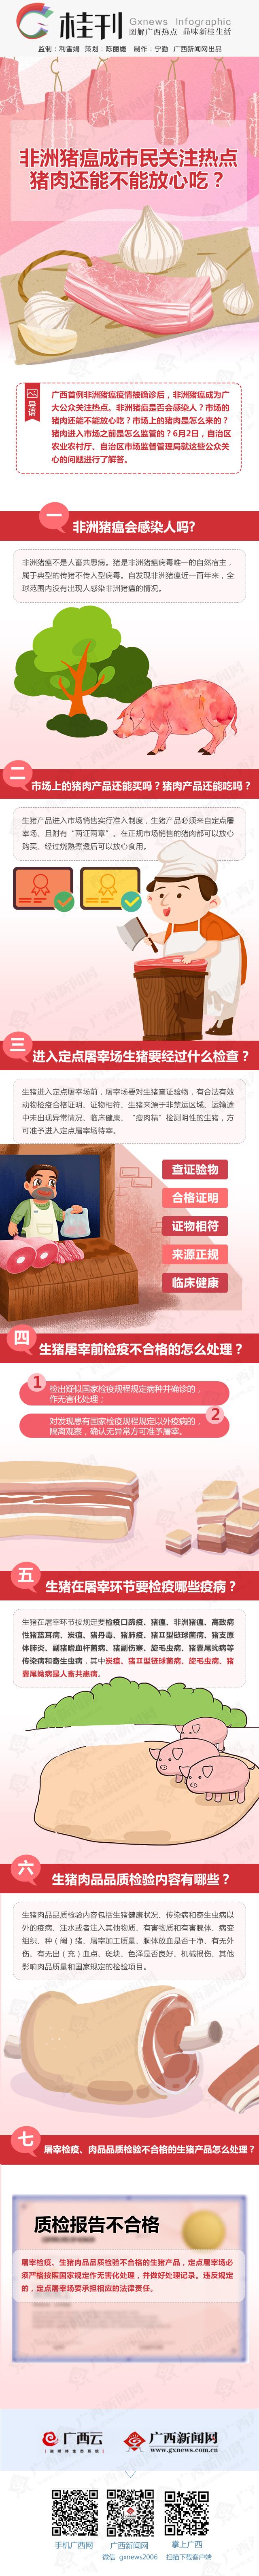 桂刊丨非洲豬瘟成市民關注熱點 豬肉還能不能放心吃?